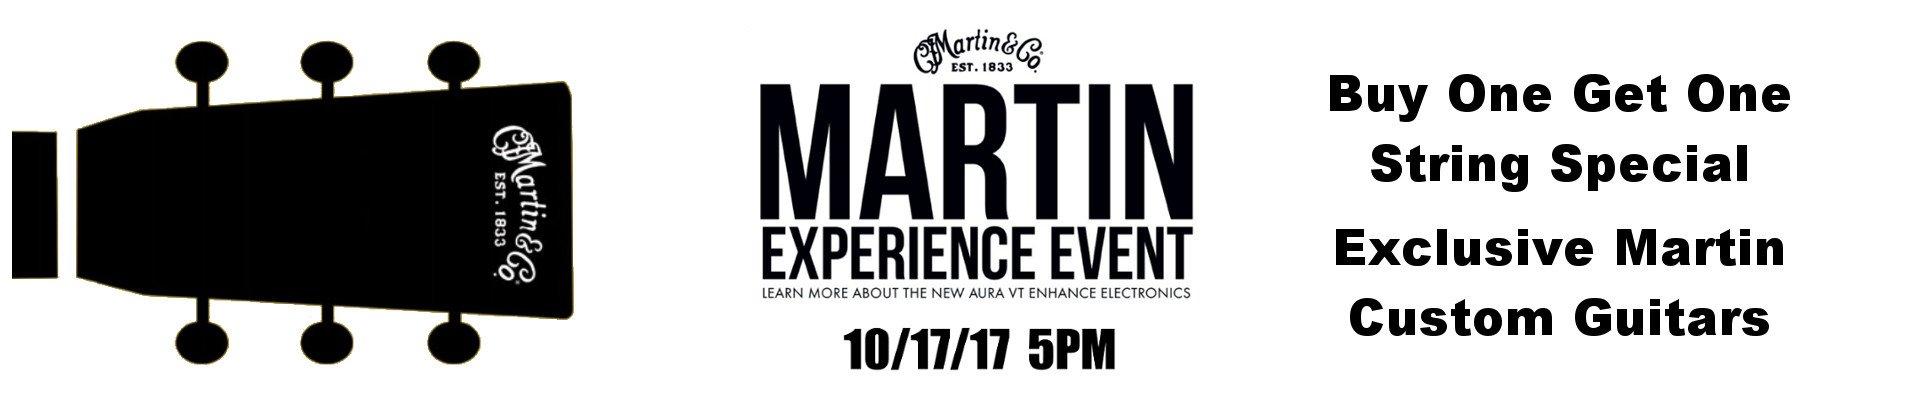 Martin Experience 2017